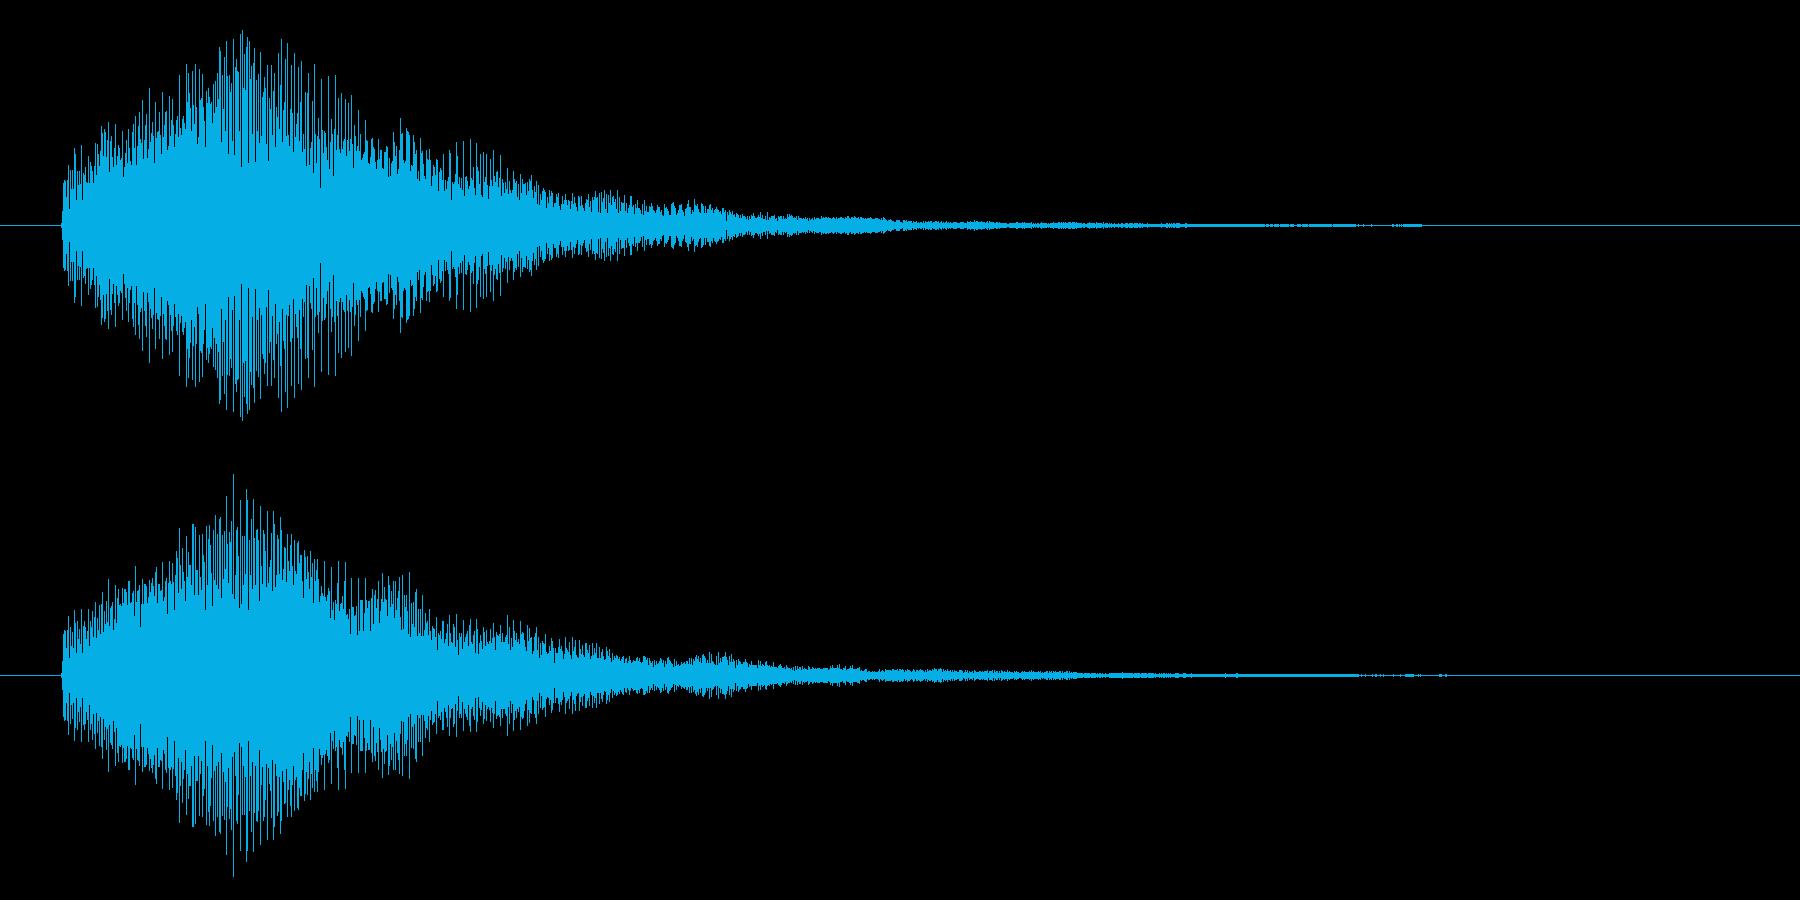 ハイテク・科学・SF風シンセジングルの再生済みの波形